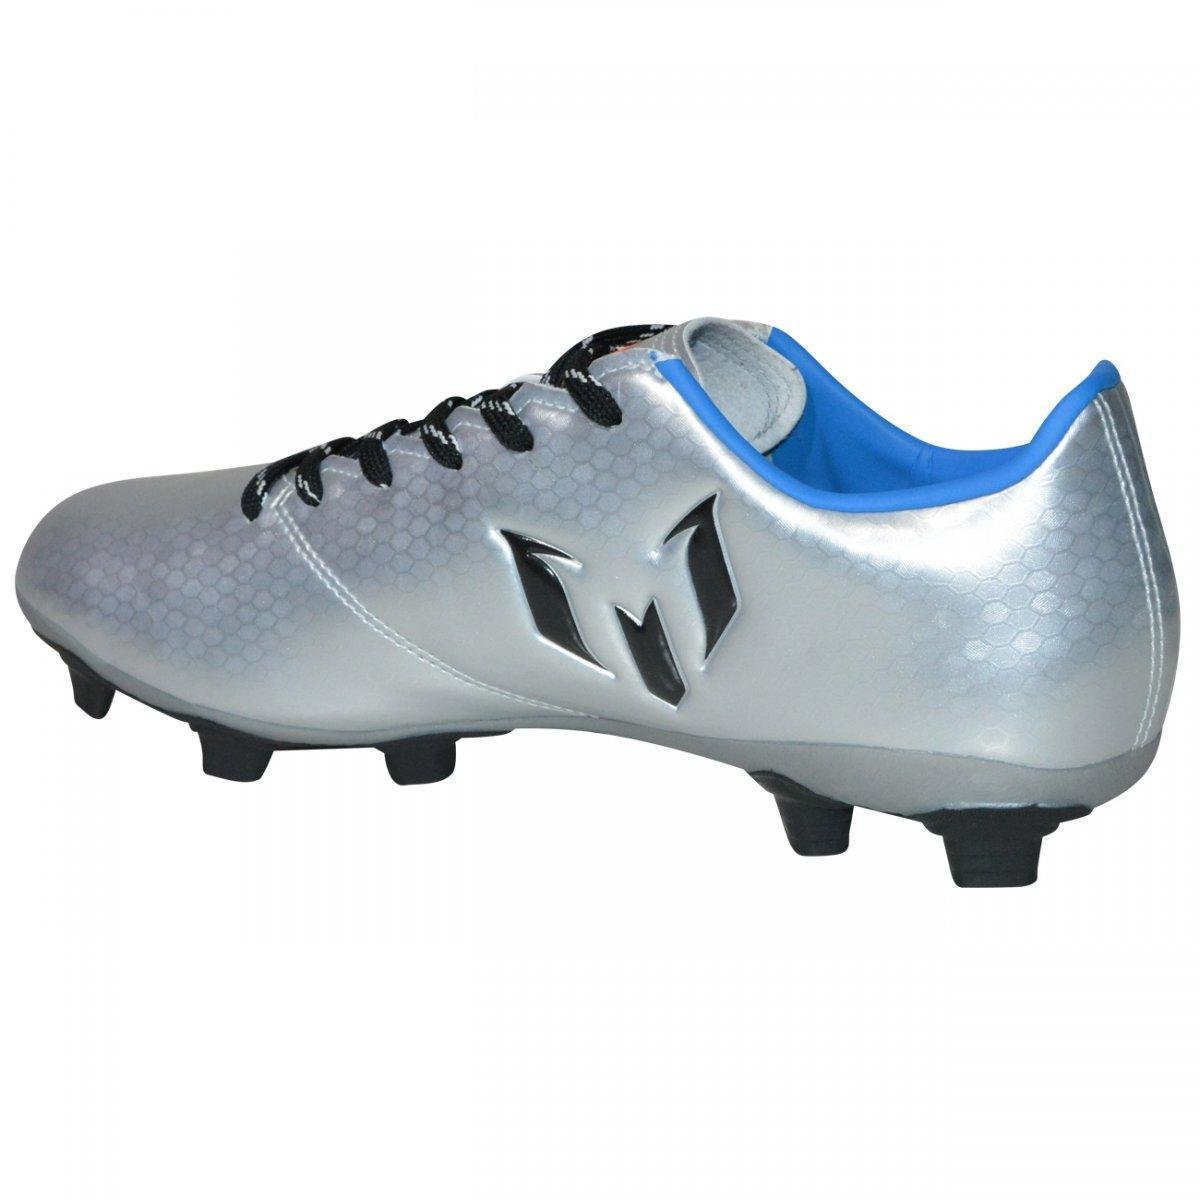 4646bedb75 Chuteira Adidas Messi 16.4 FXG Campo - Prata e Azul - Compre Agora ...